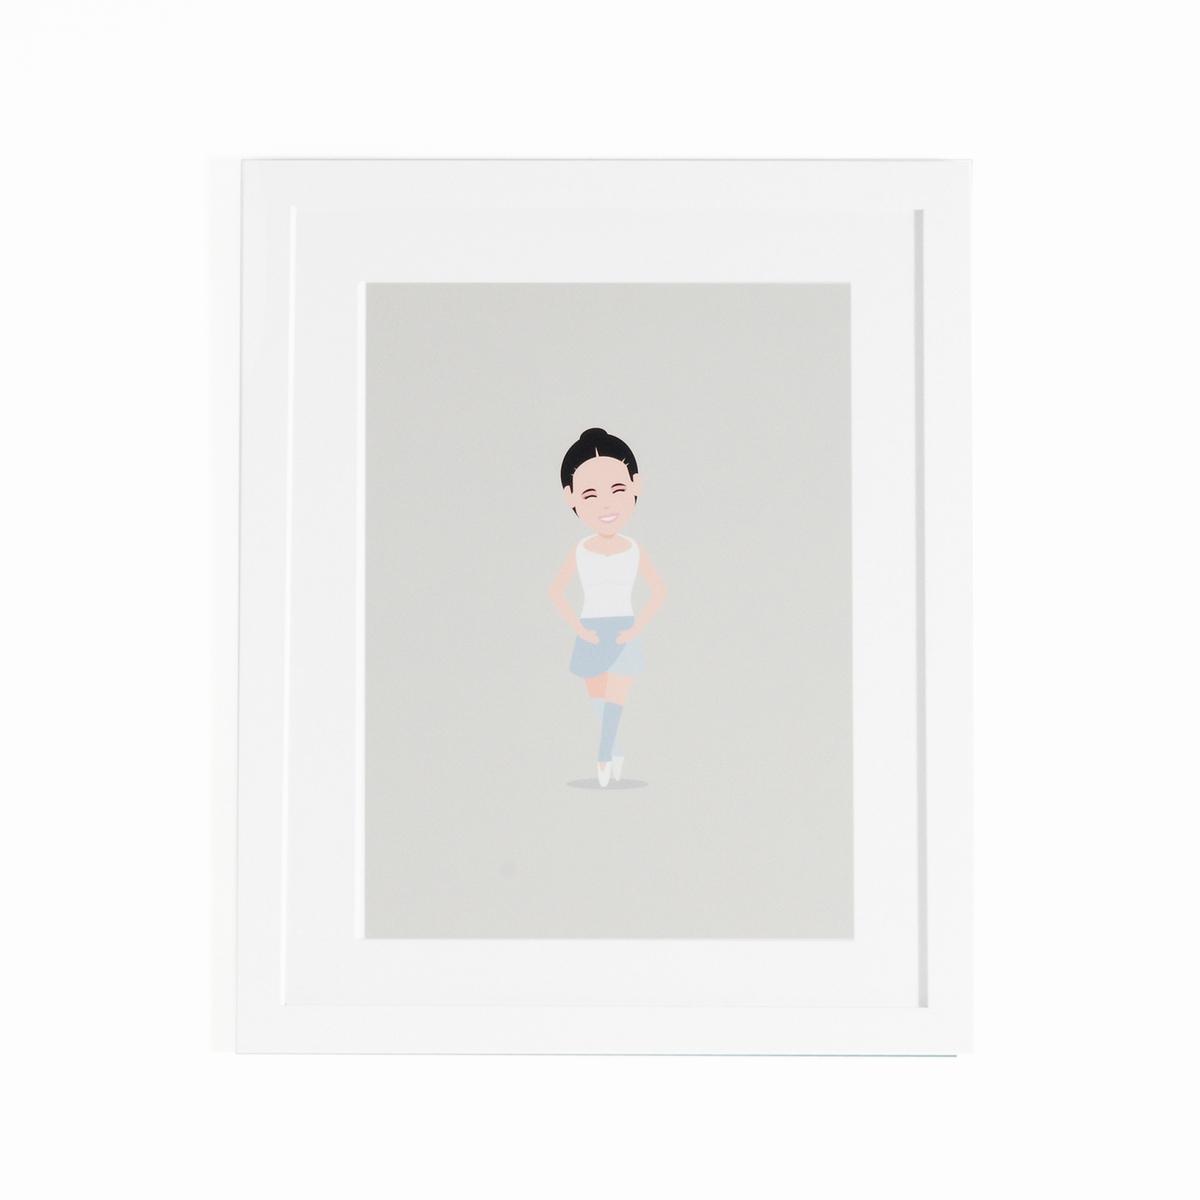 Плакат в рамке танцовщица, CoriamaiПлакат в рамке Coriamai . Дети, занимающиеся спортом, изображены на плакате ! 6 плакатов со стилизованным персонажем для декорирования комнаты в современном и веселом стиле (другие модели продаются на нашем сайте).Характеристики : - Плакат из офсетной бумаги 170г/м2 с навесом- Рамка из ДСП- Стекло из плексигласа- Крючок для крепления на стену (саморезы и дюбели не входят в комплект)Размеры : - Дл40 x Выс50 см<br><br>Цвет: разноцветный